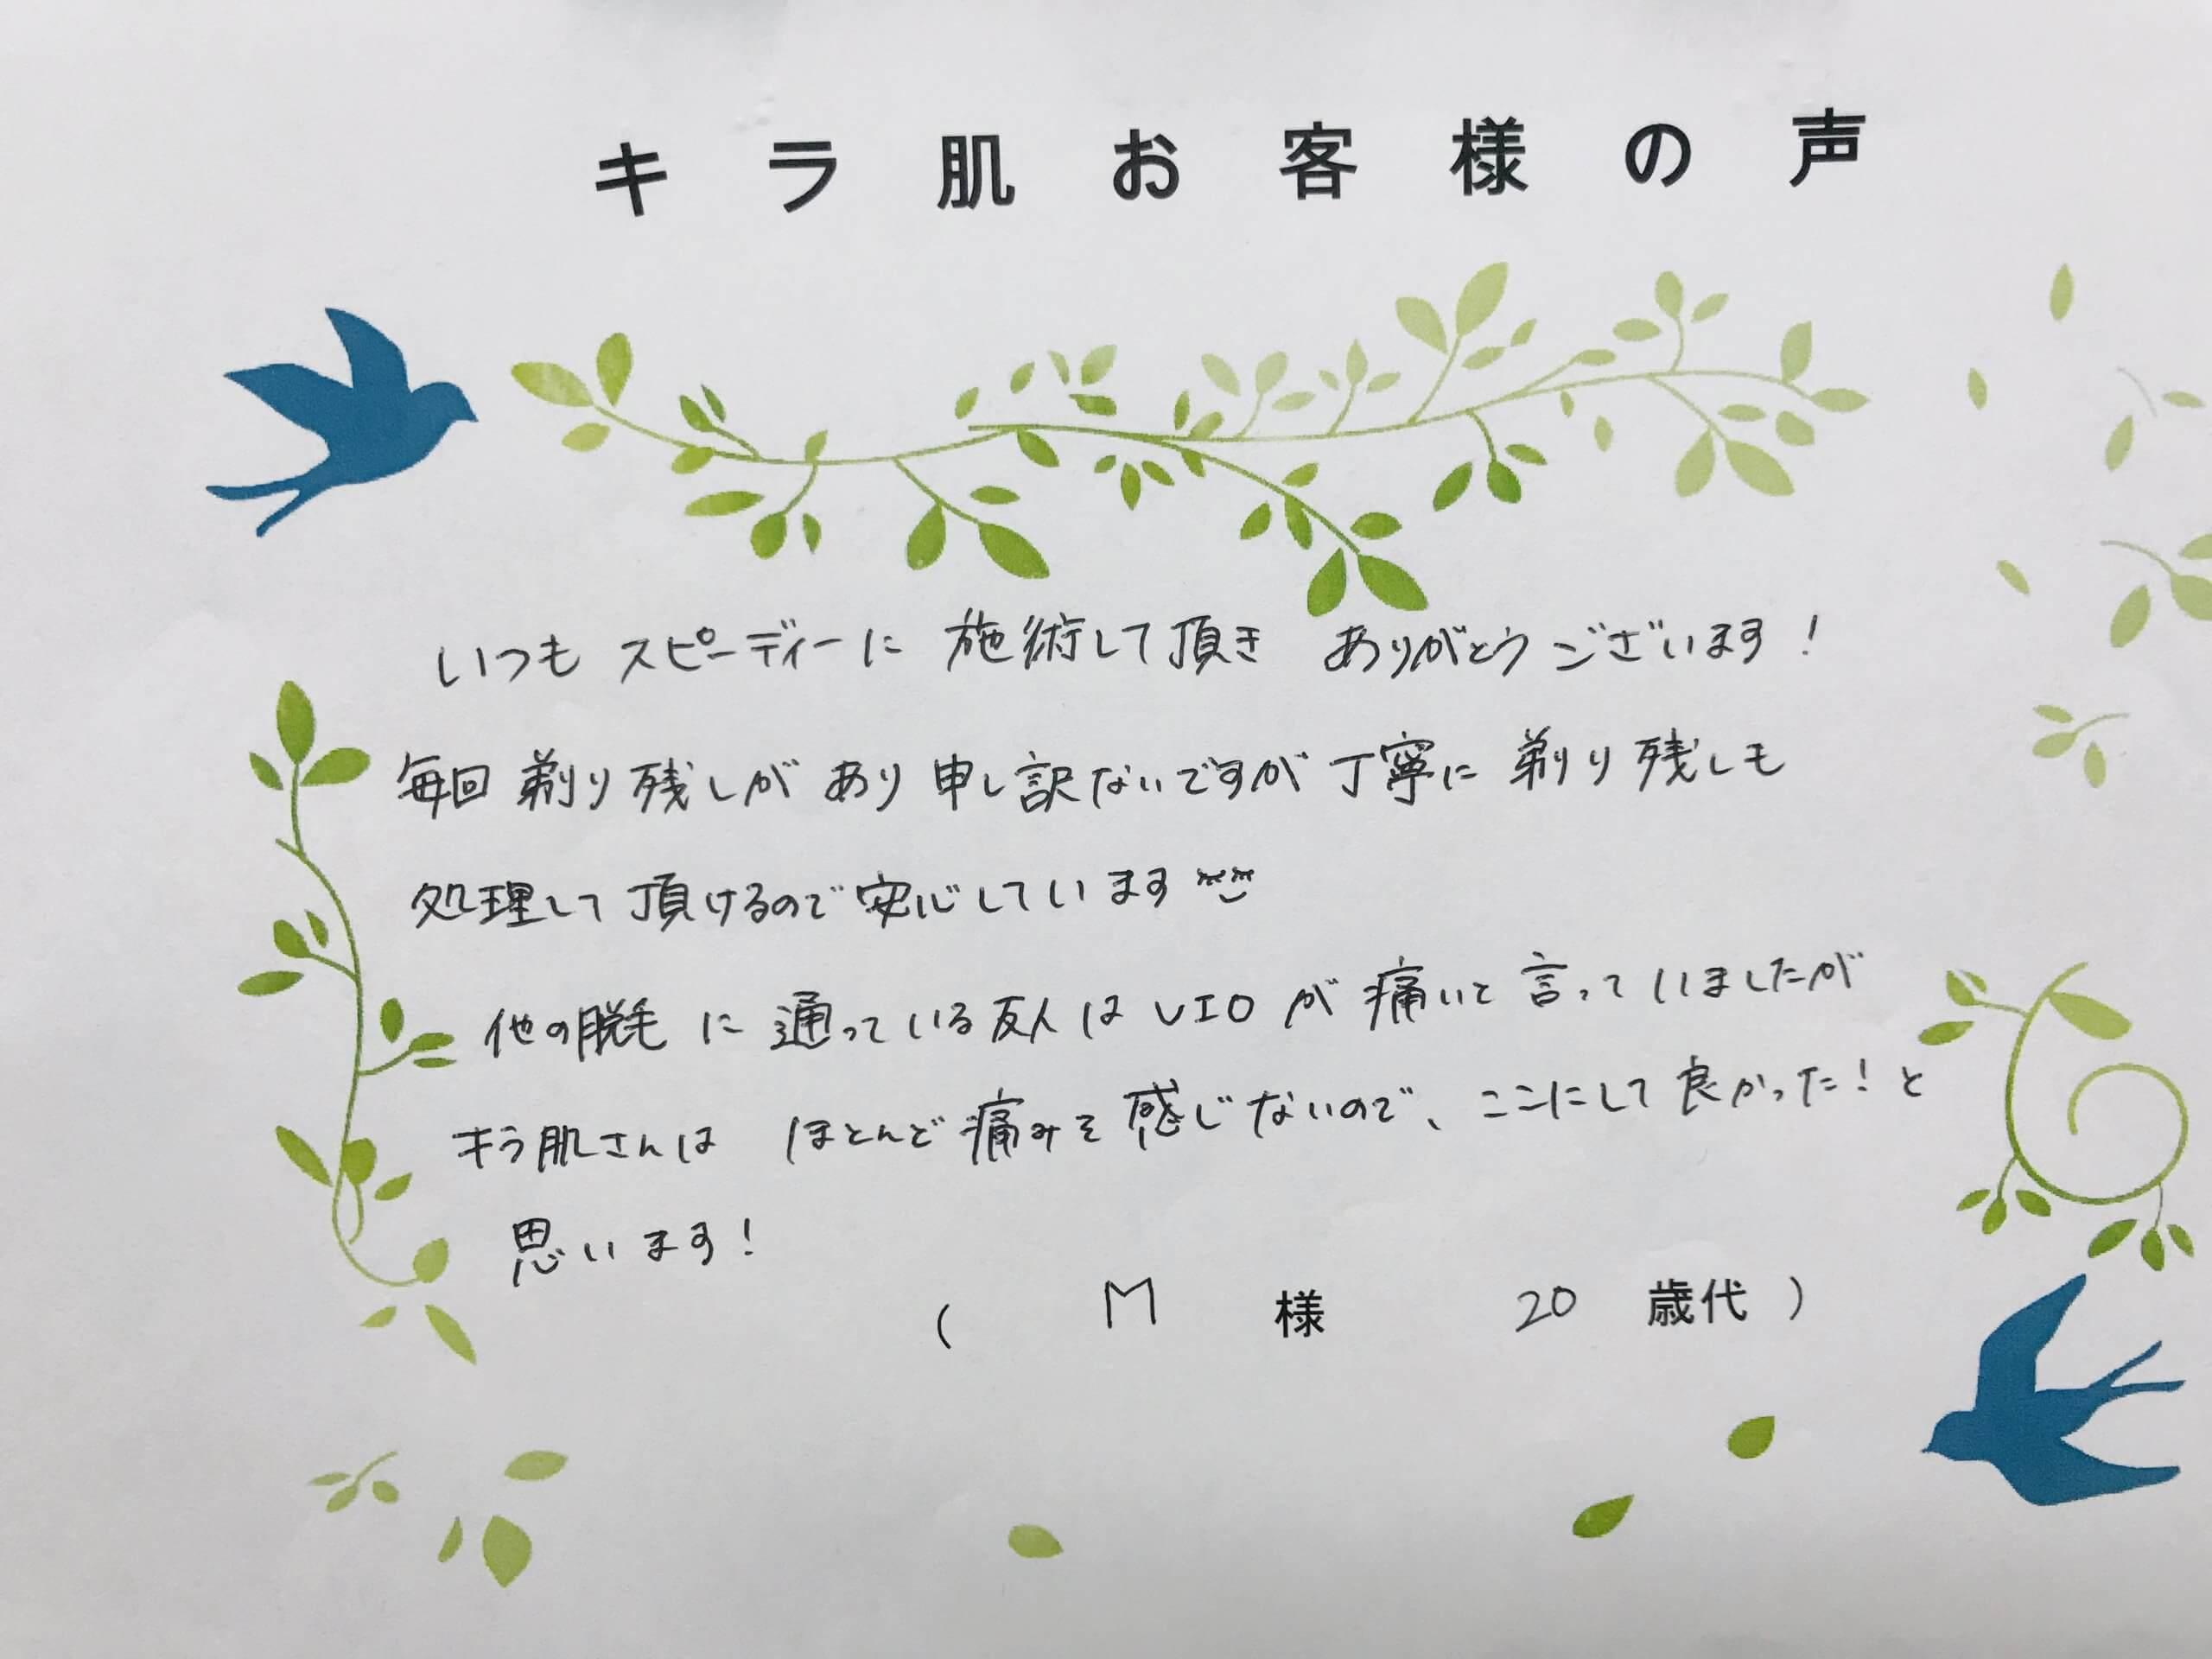 松江駅付近お住まい20代M様(vio痛くない〕